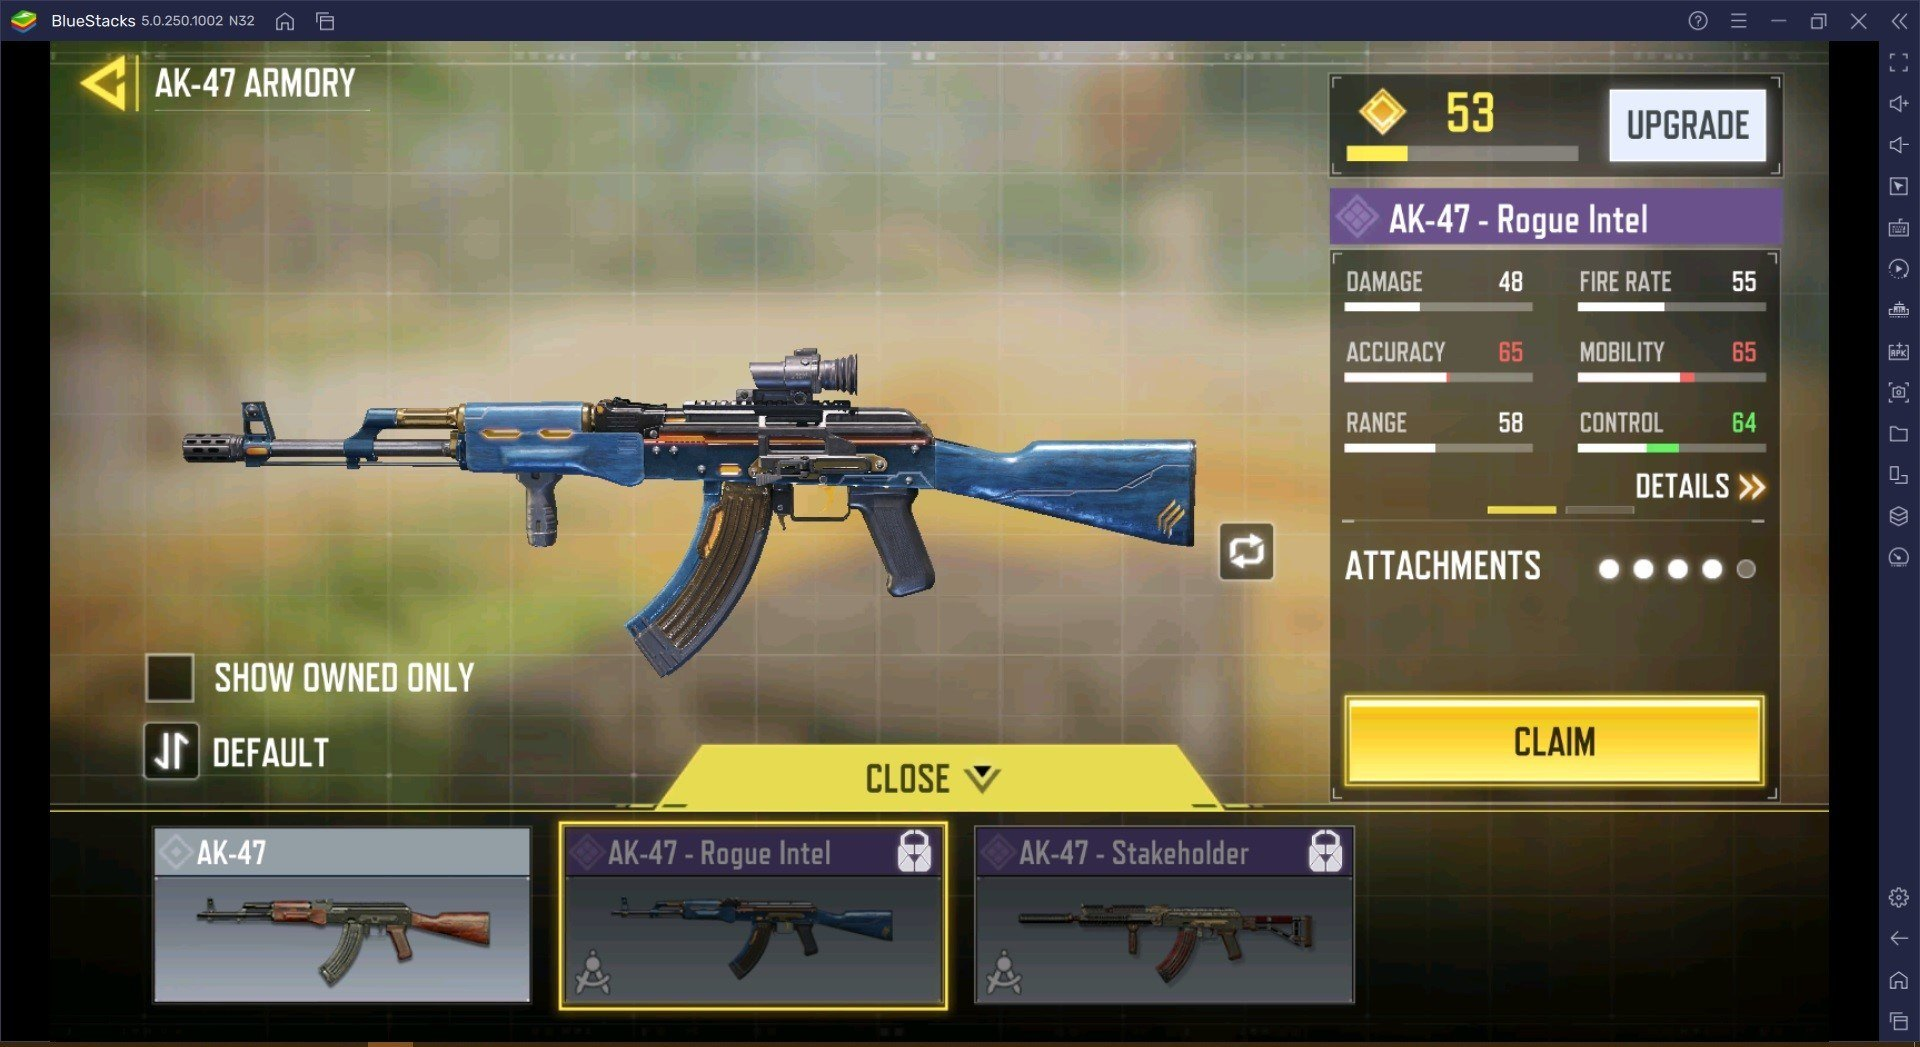 دليل الأسلحة في لعبة Call of Duty Mobile ، يذهب AK-47 إلى صانع السلاح